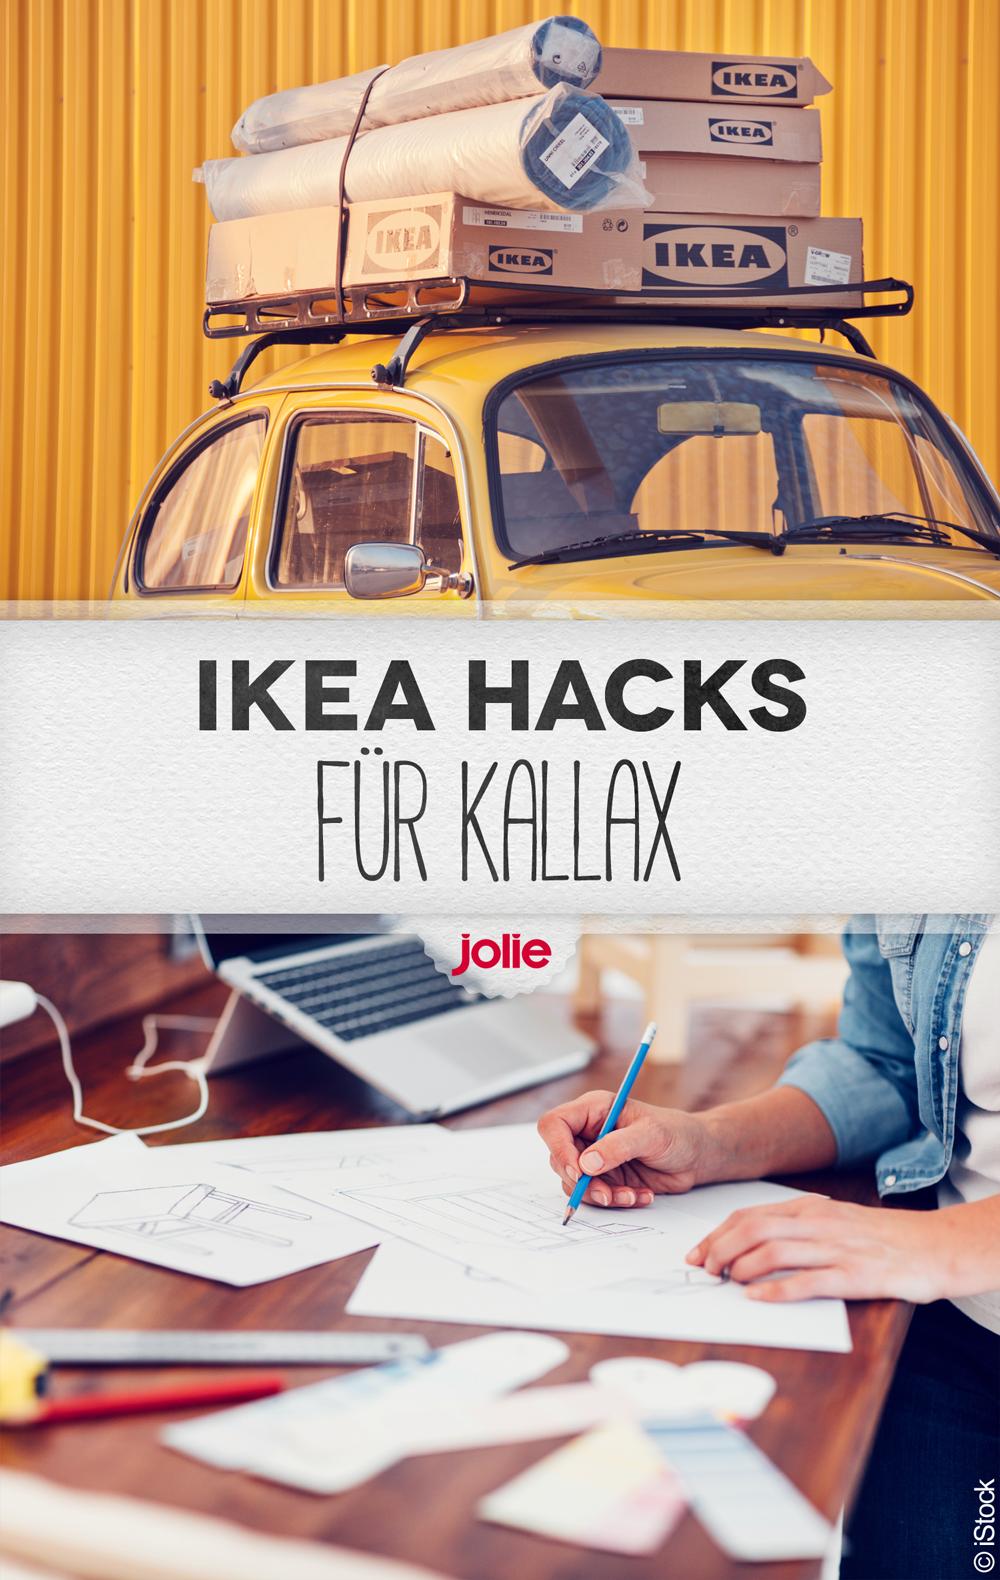 die besten ikea hacks (für kallax, billy & co.) | möbel | pinterest